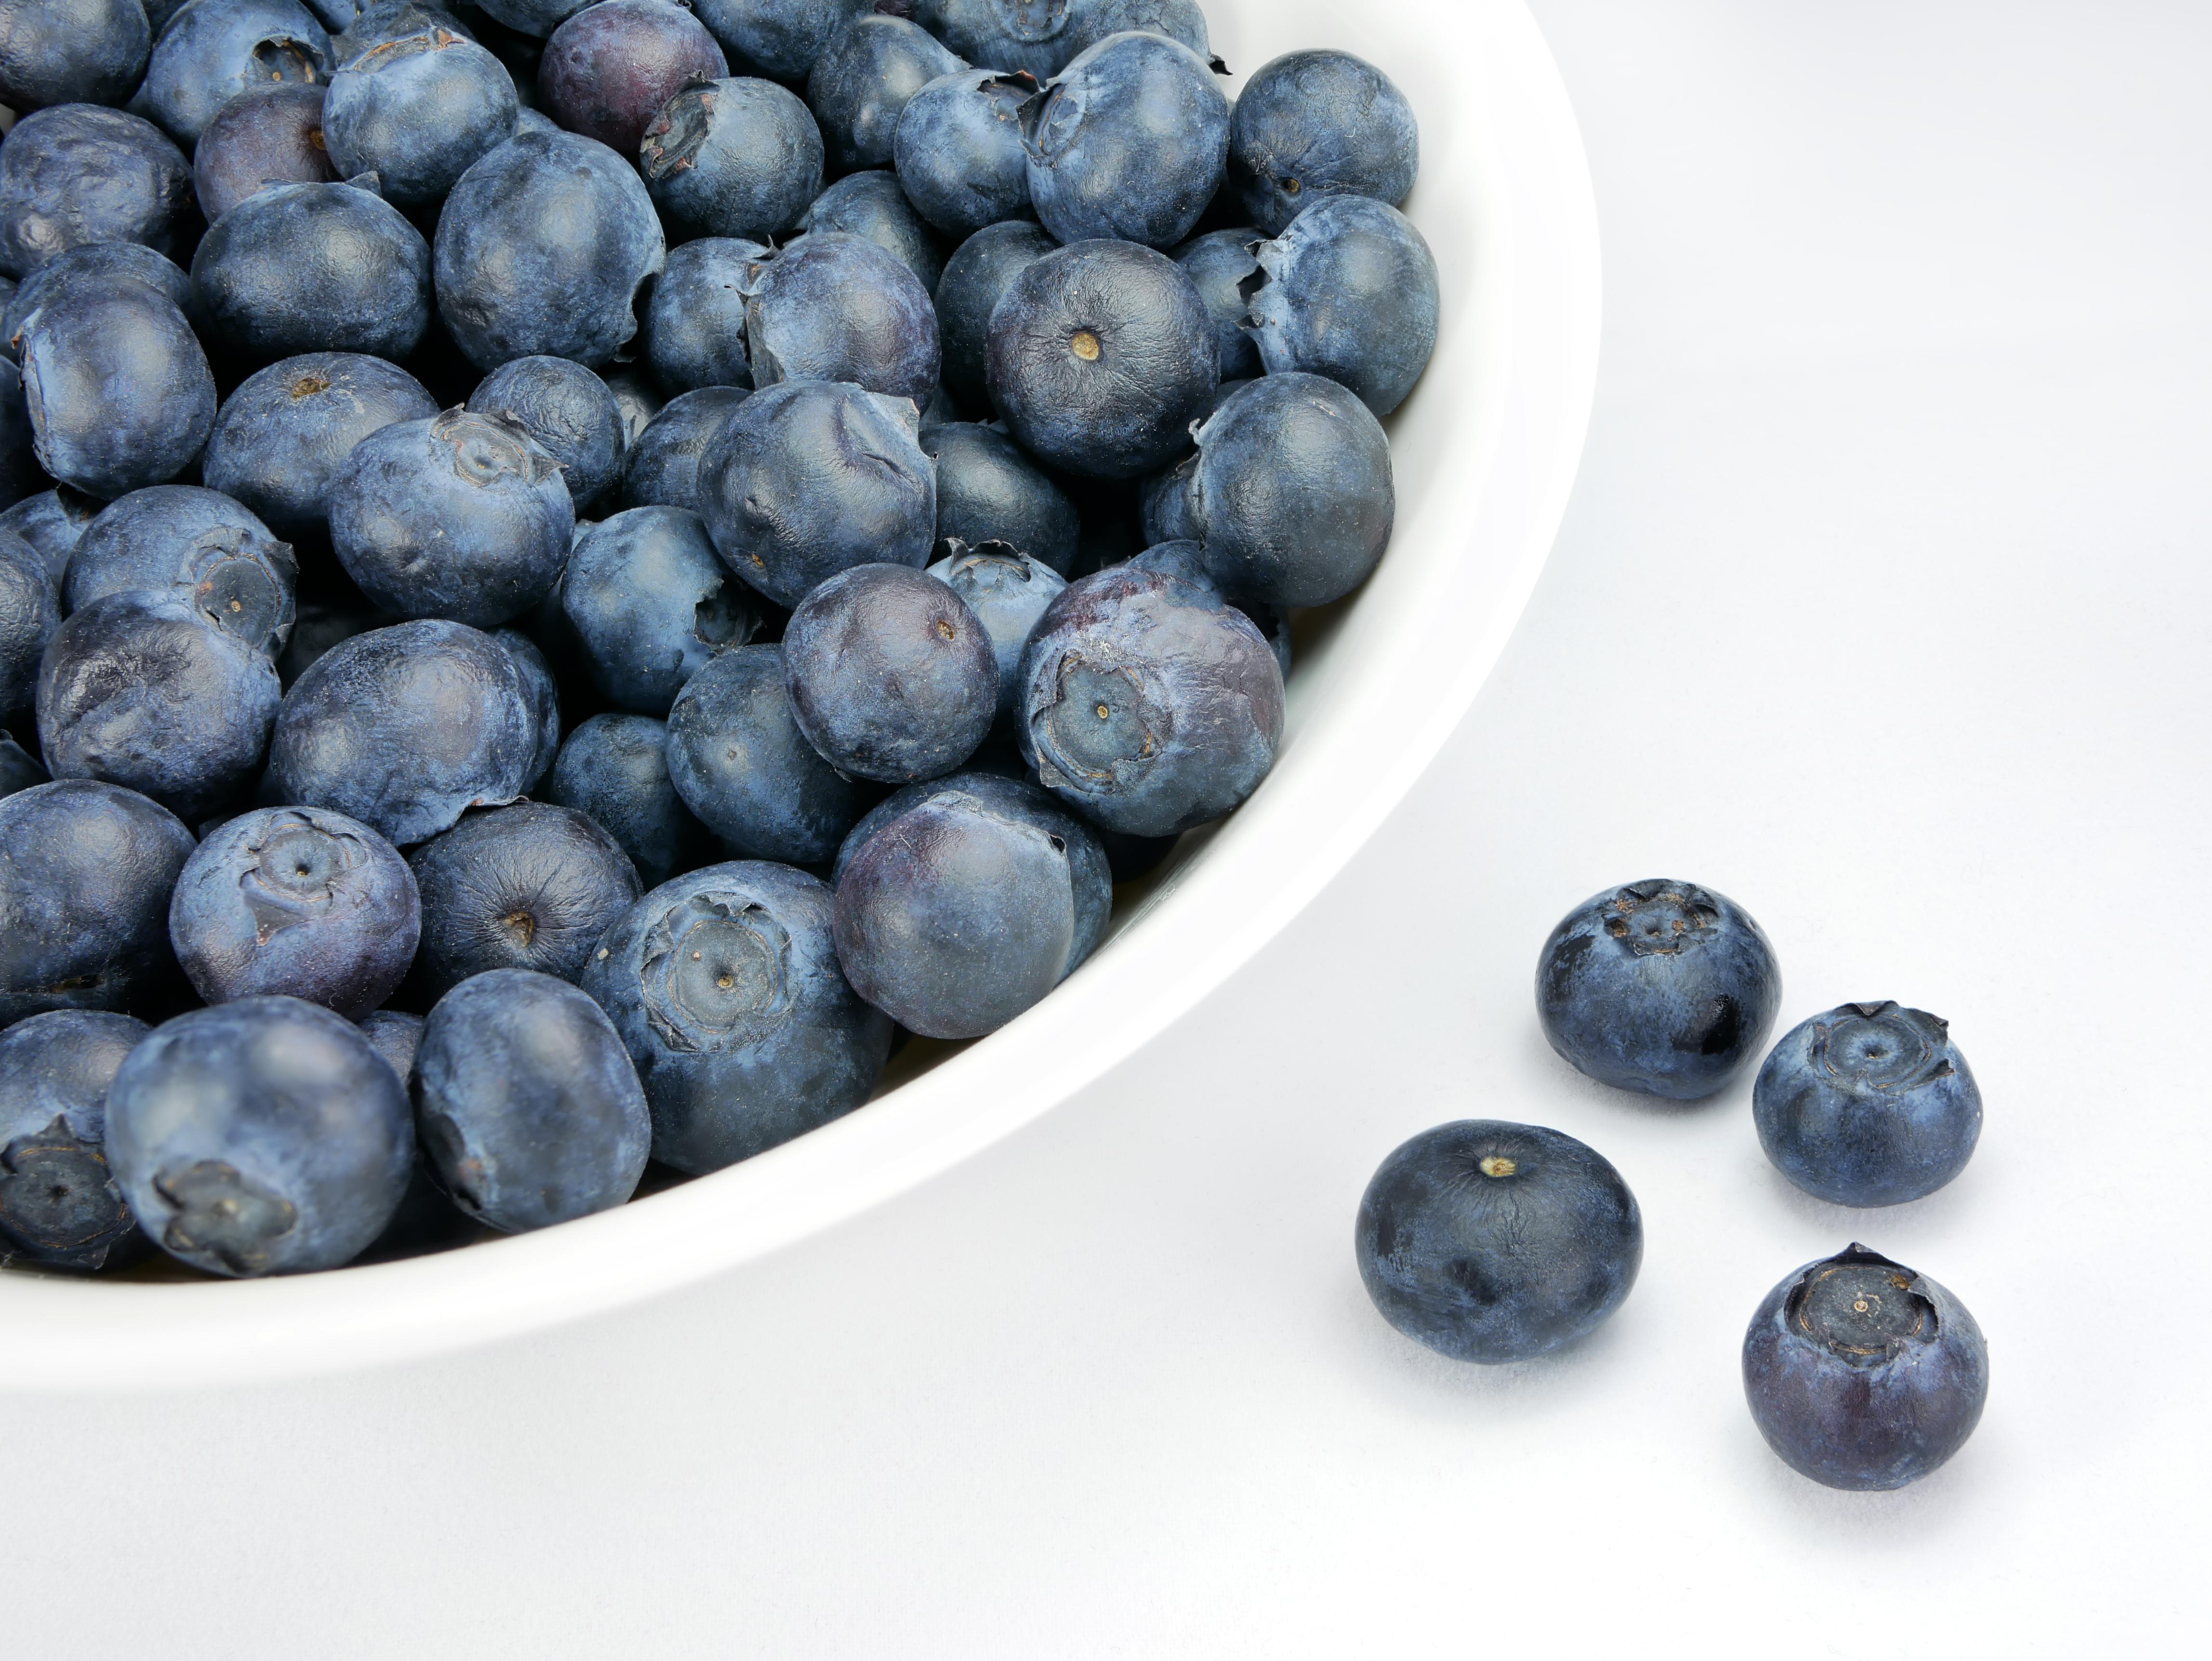 Blueberry - Wikipedia